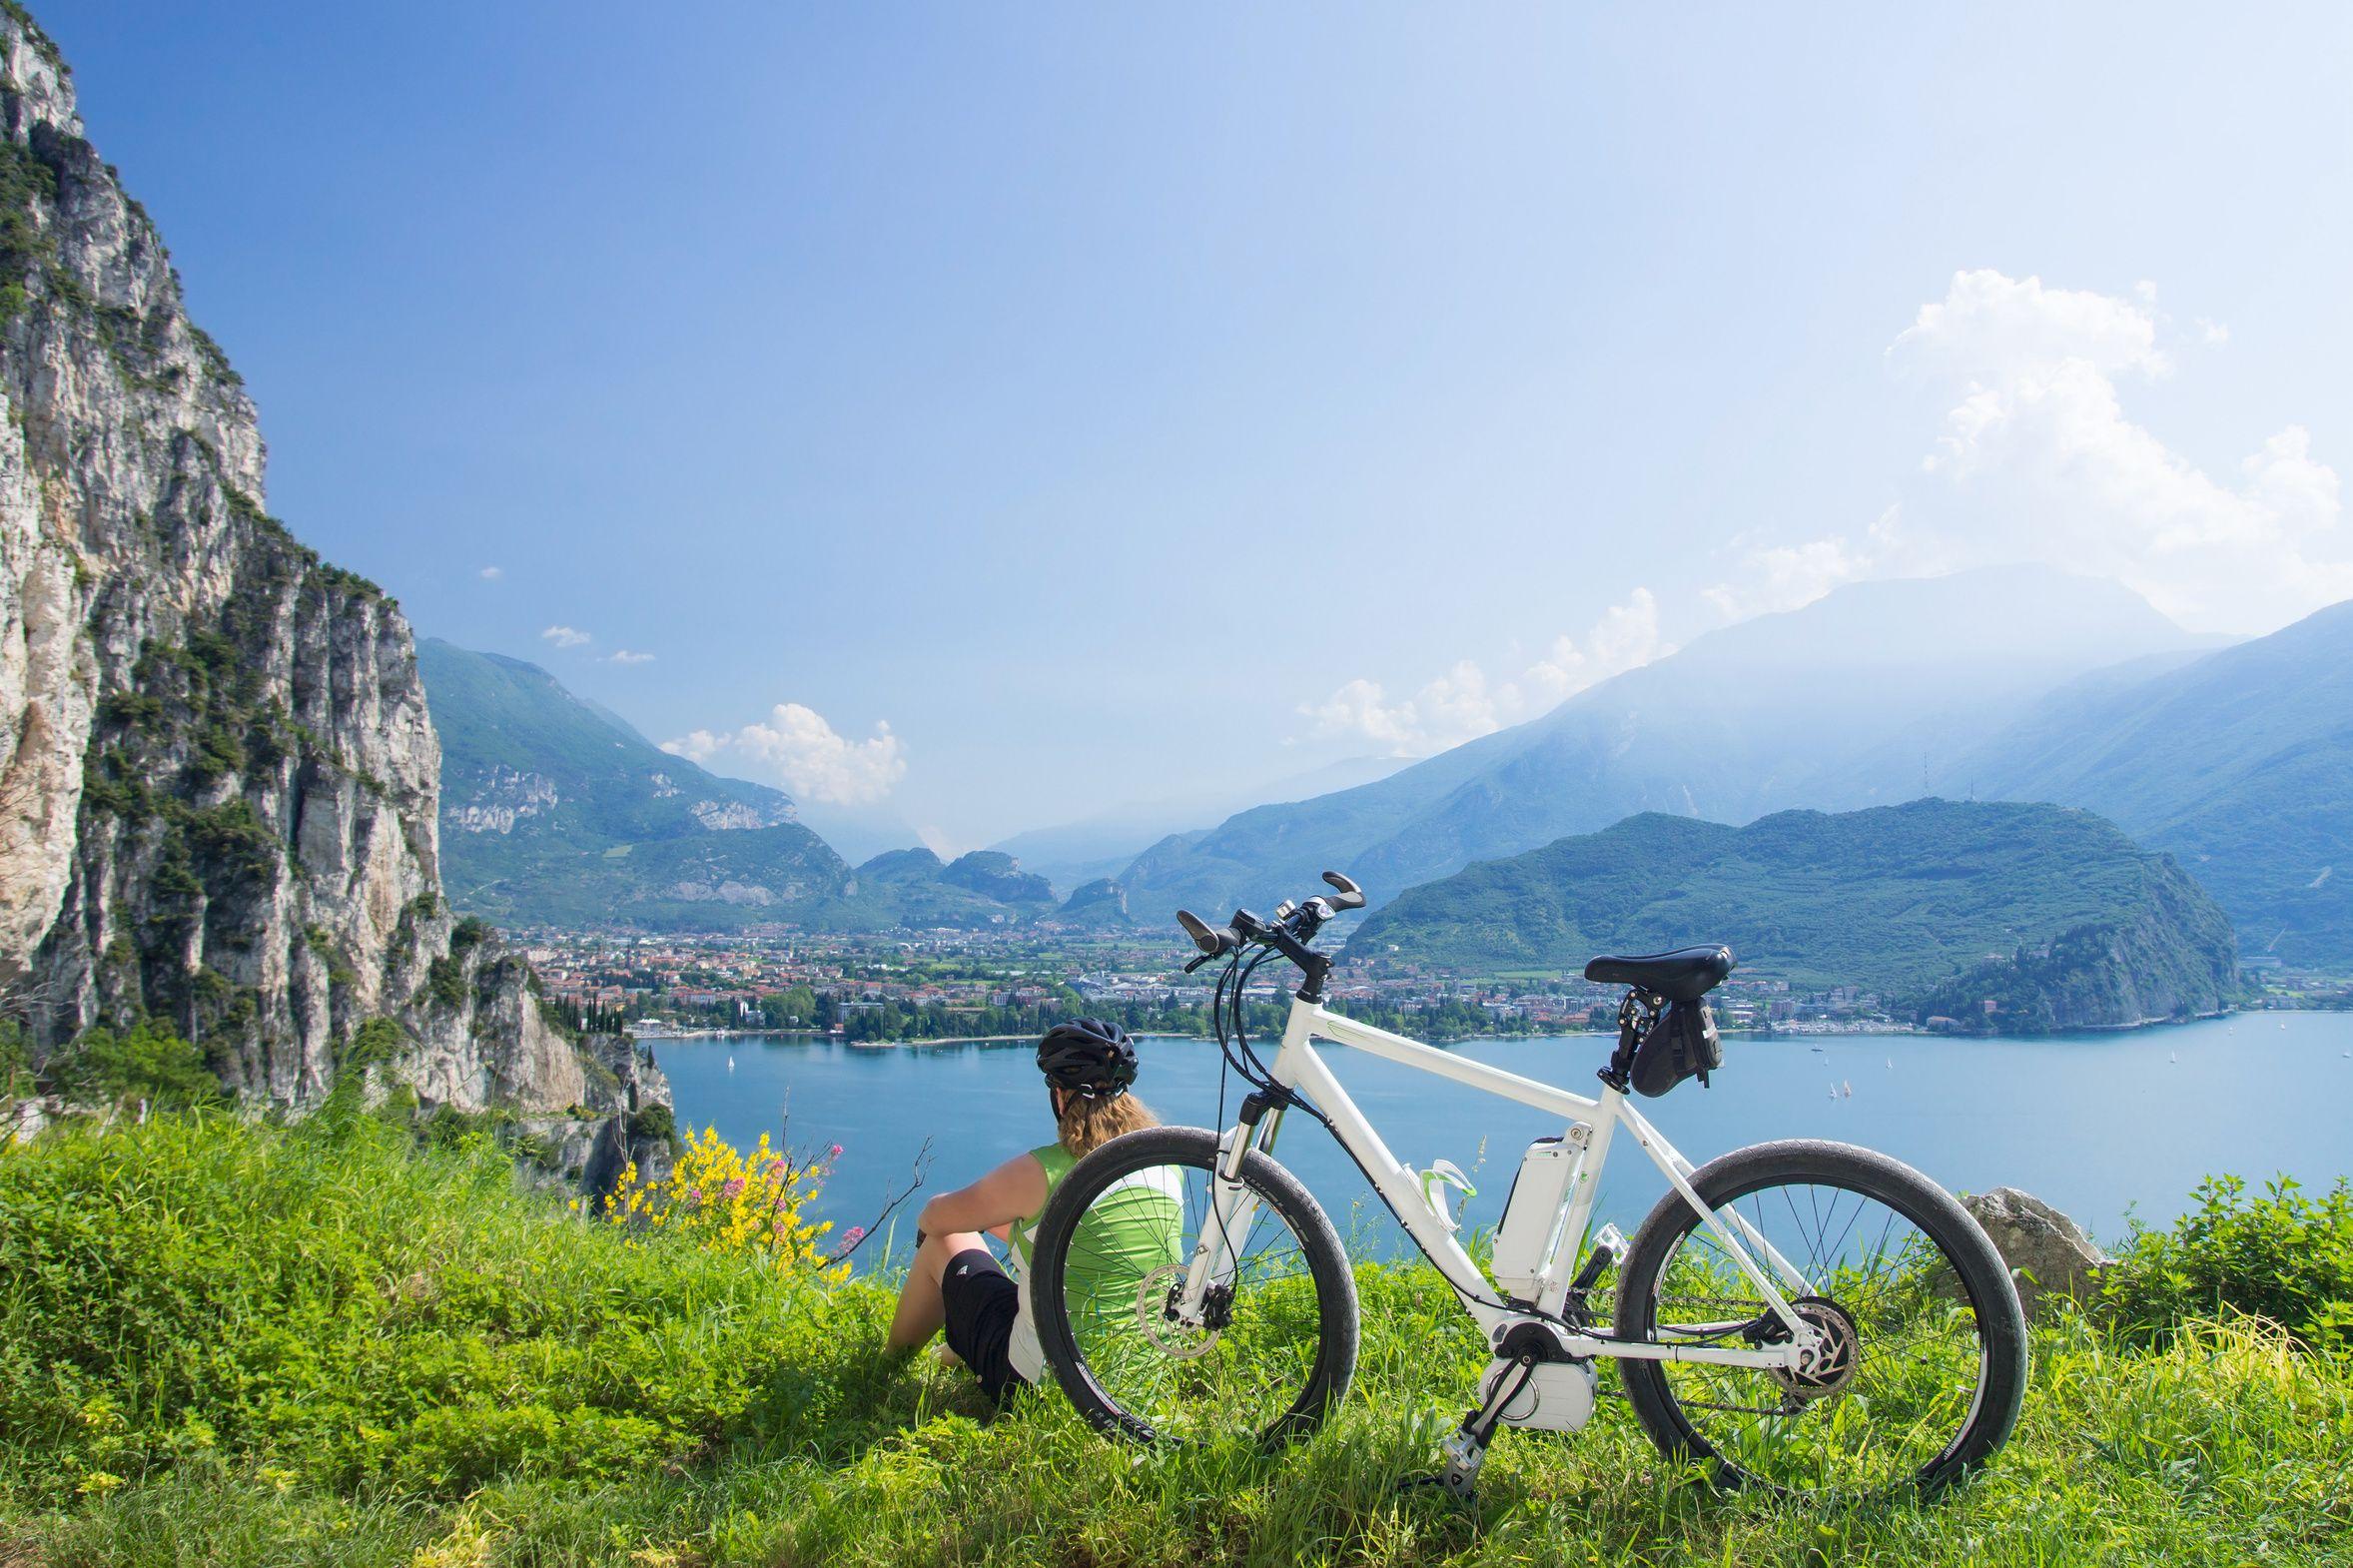 Heute ist der europäische Tag des Fahrrades. In diesem Sinne, bleibt sportlich ... :-) #Sport #Wellness #aktiv #healthy #Sommer #summer #travel #holidays #Urlaub #imUrlaubwiezuhausefühlen ©autofocus67 - Fotolia